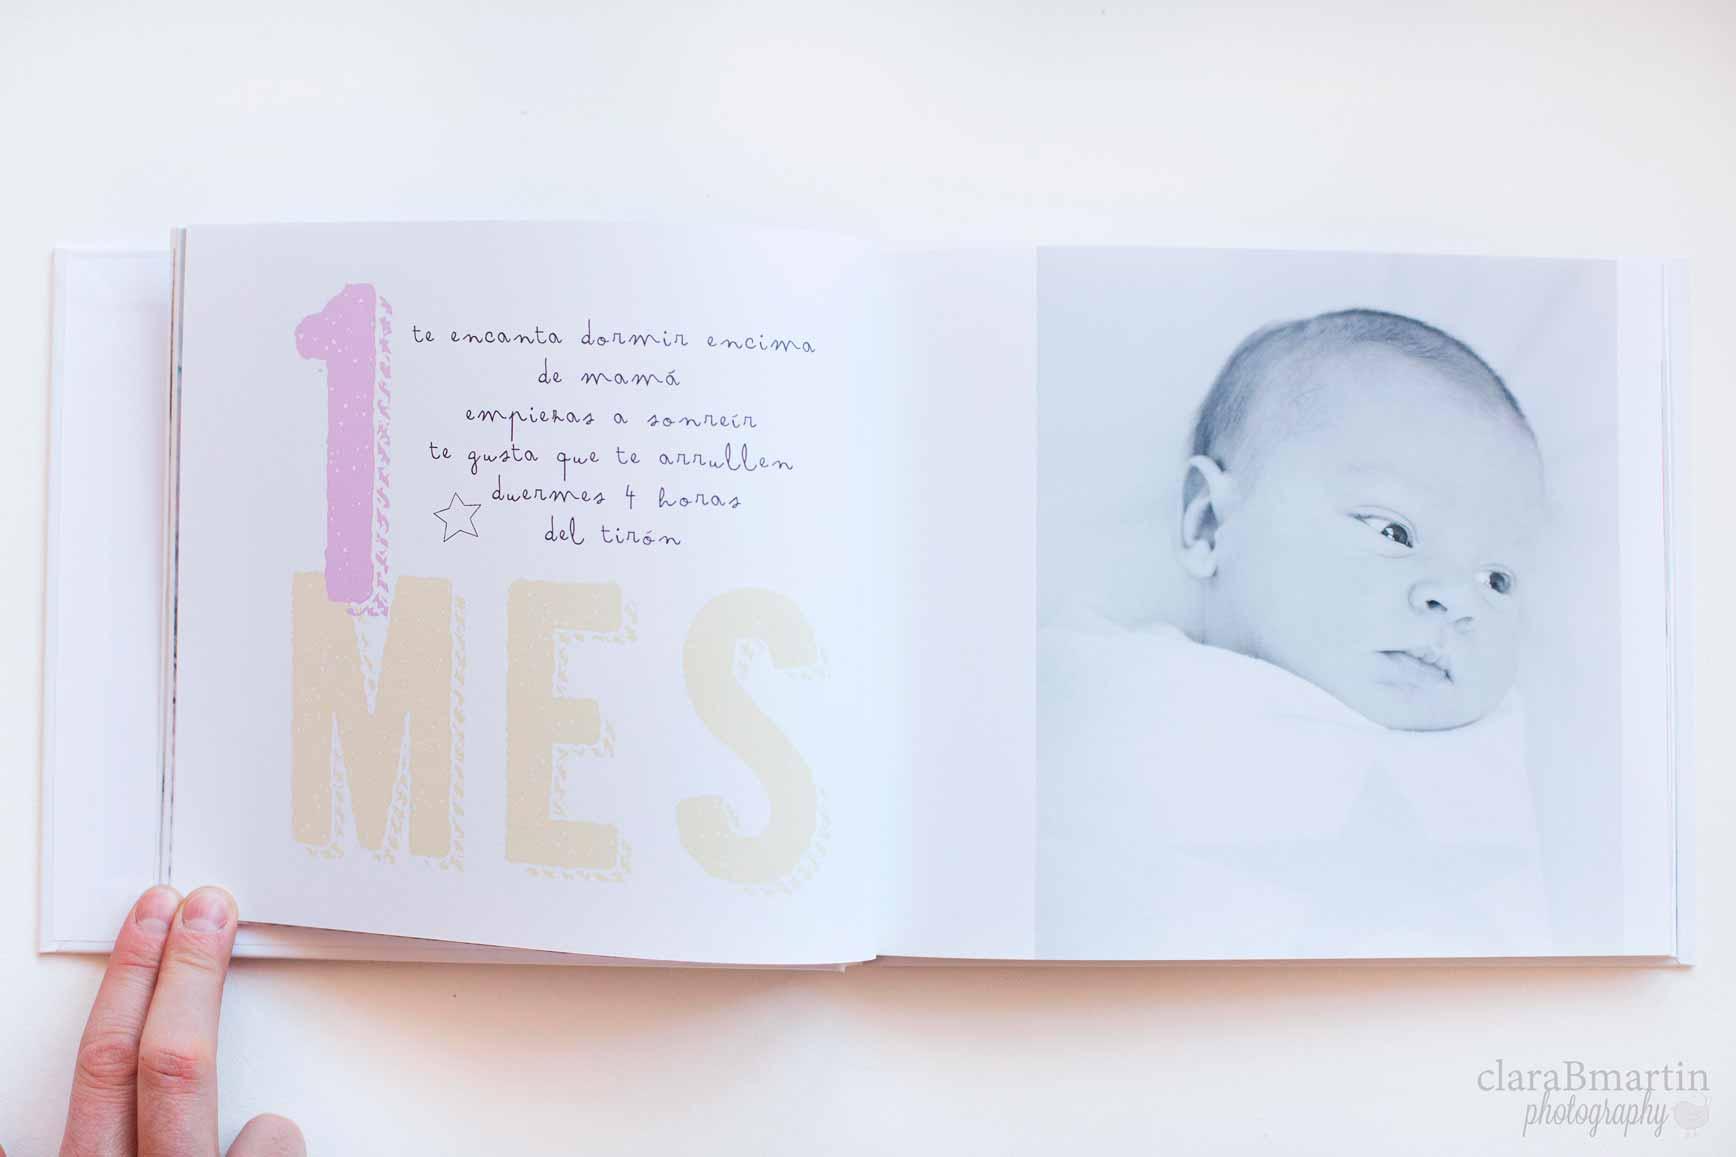 Libro_primer_añoclaraBmartin06